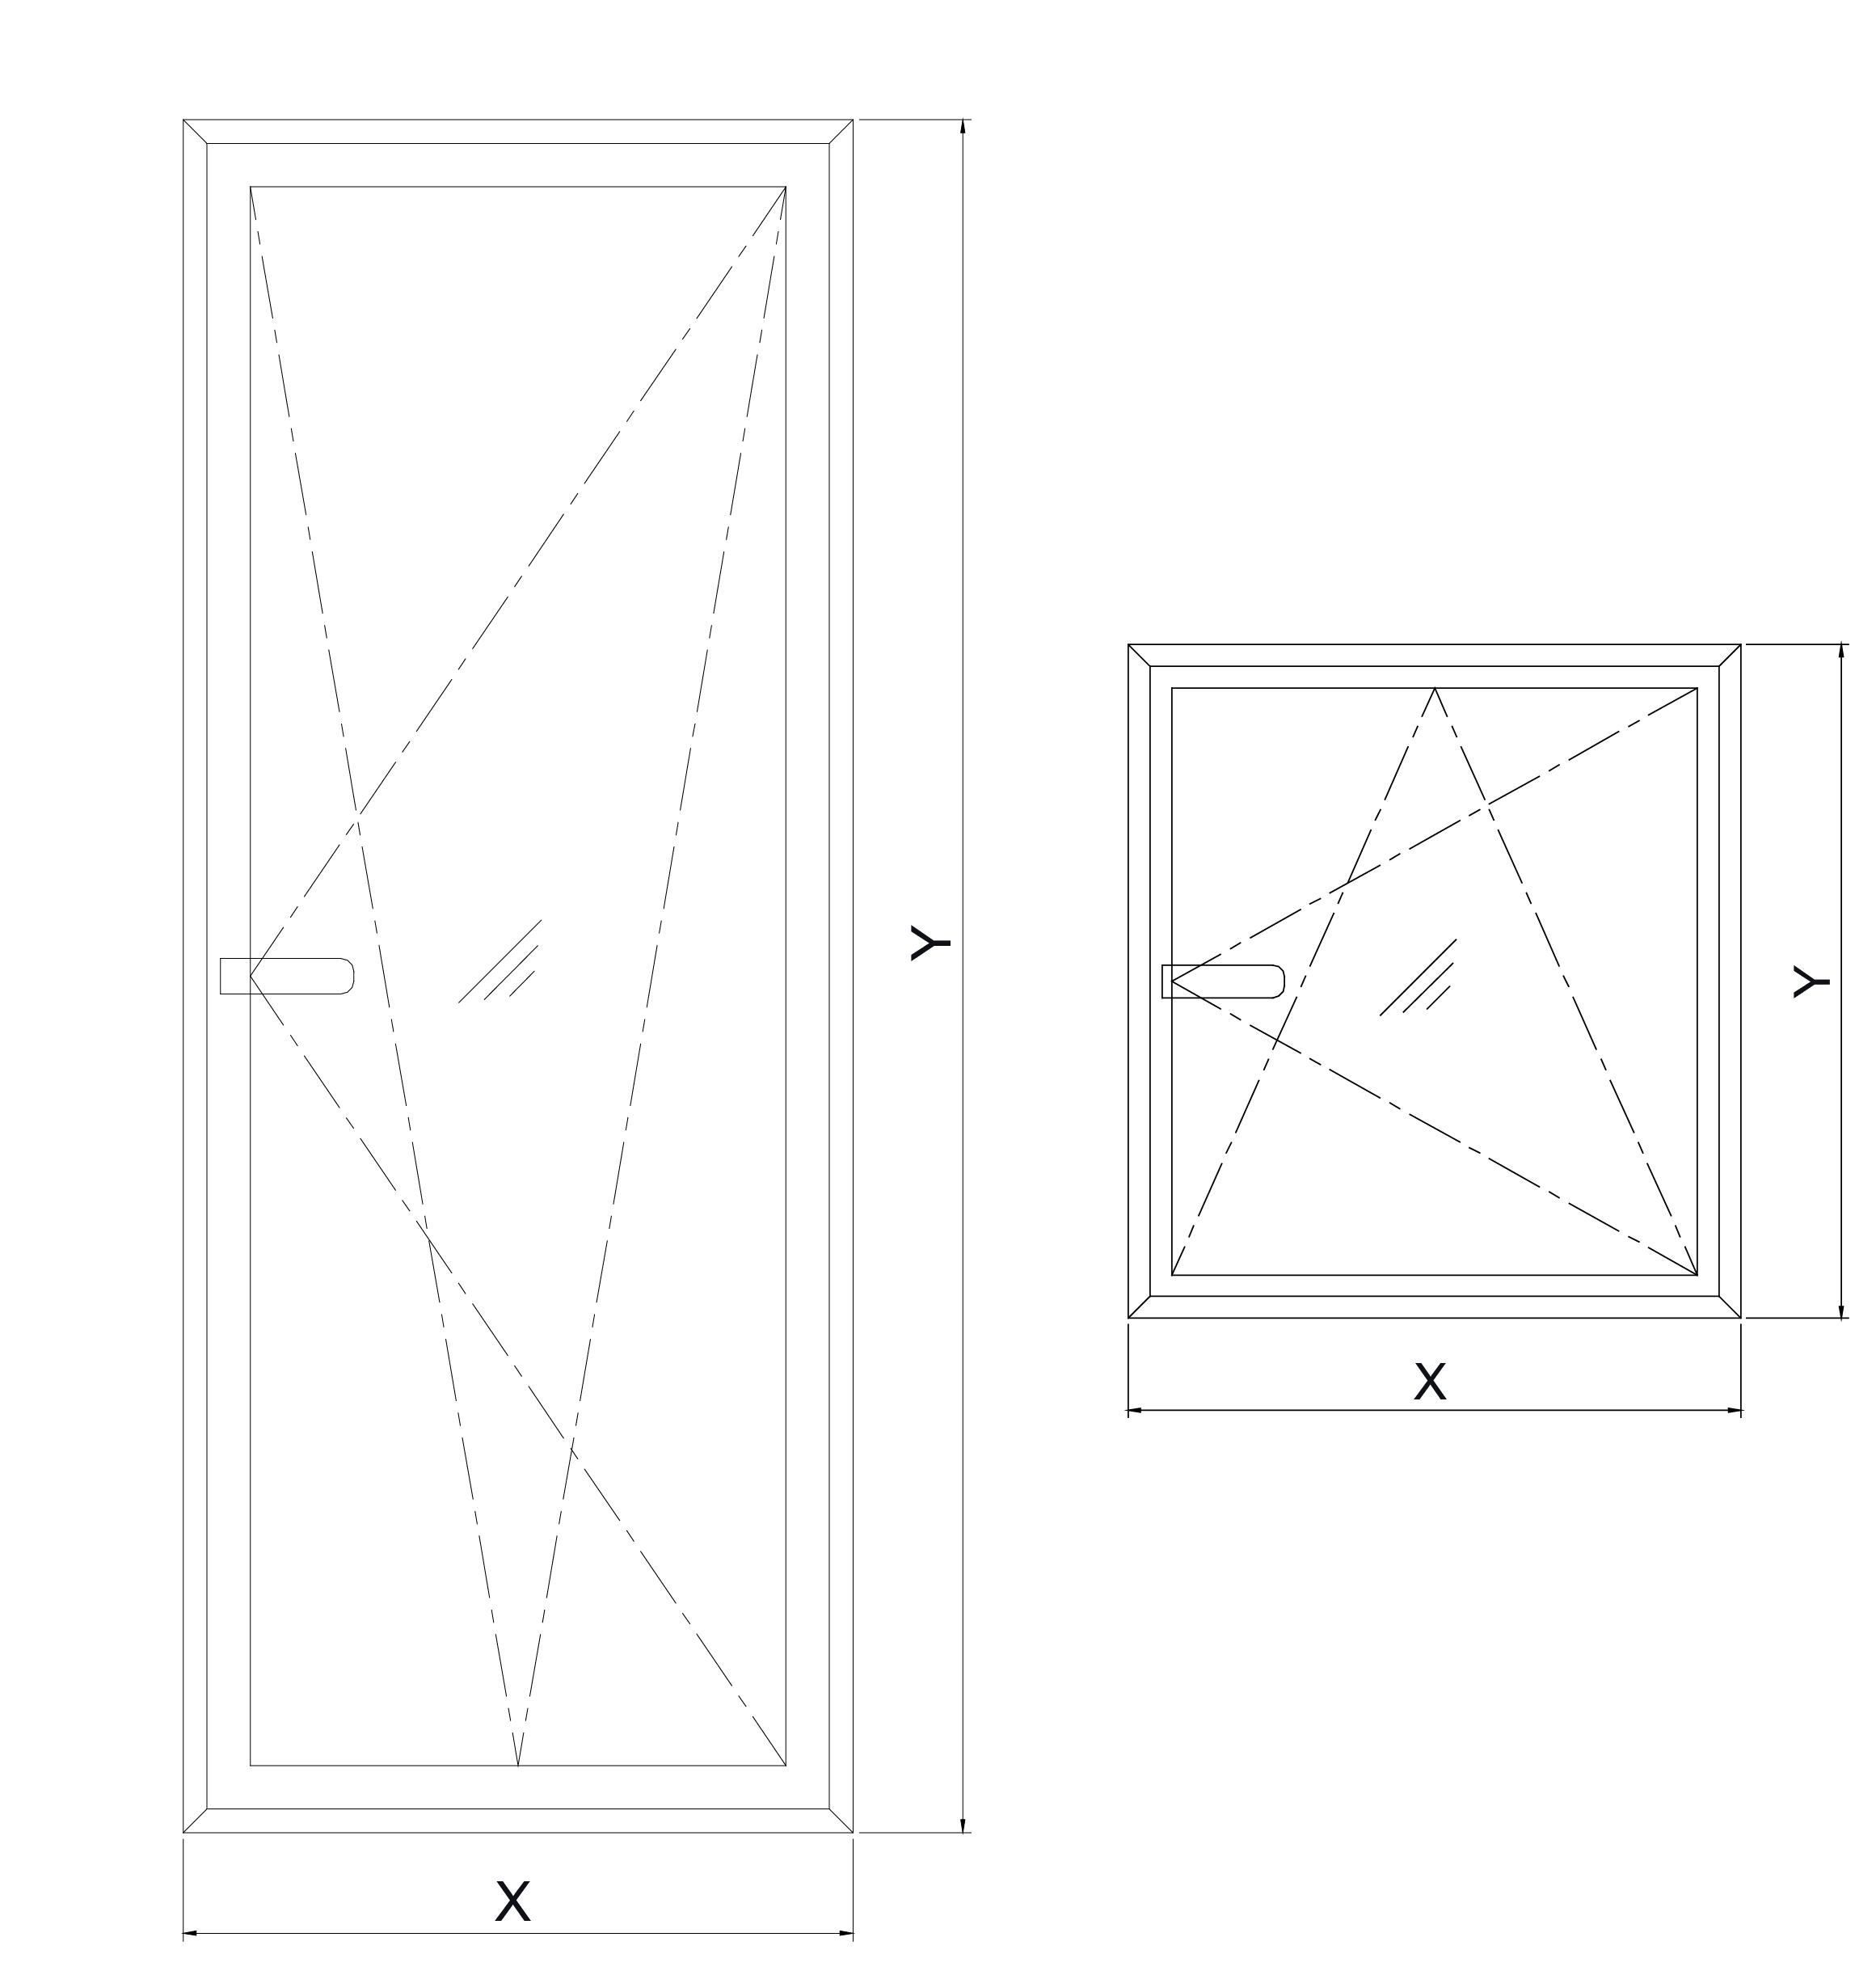 esquema puerta y ventana qt superior oscilobatiente